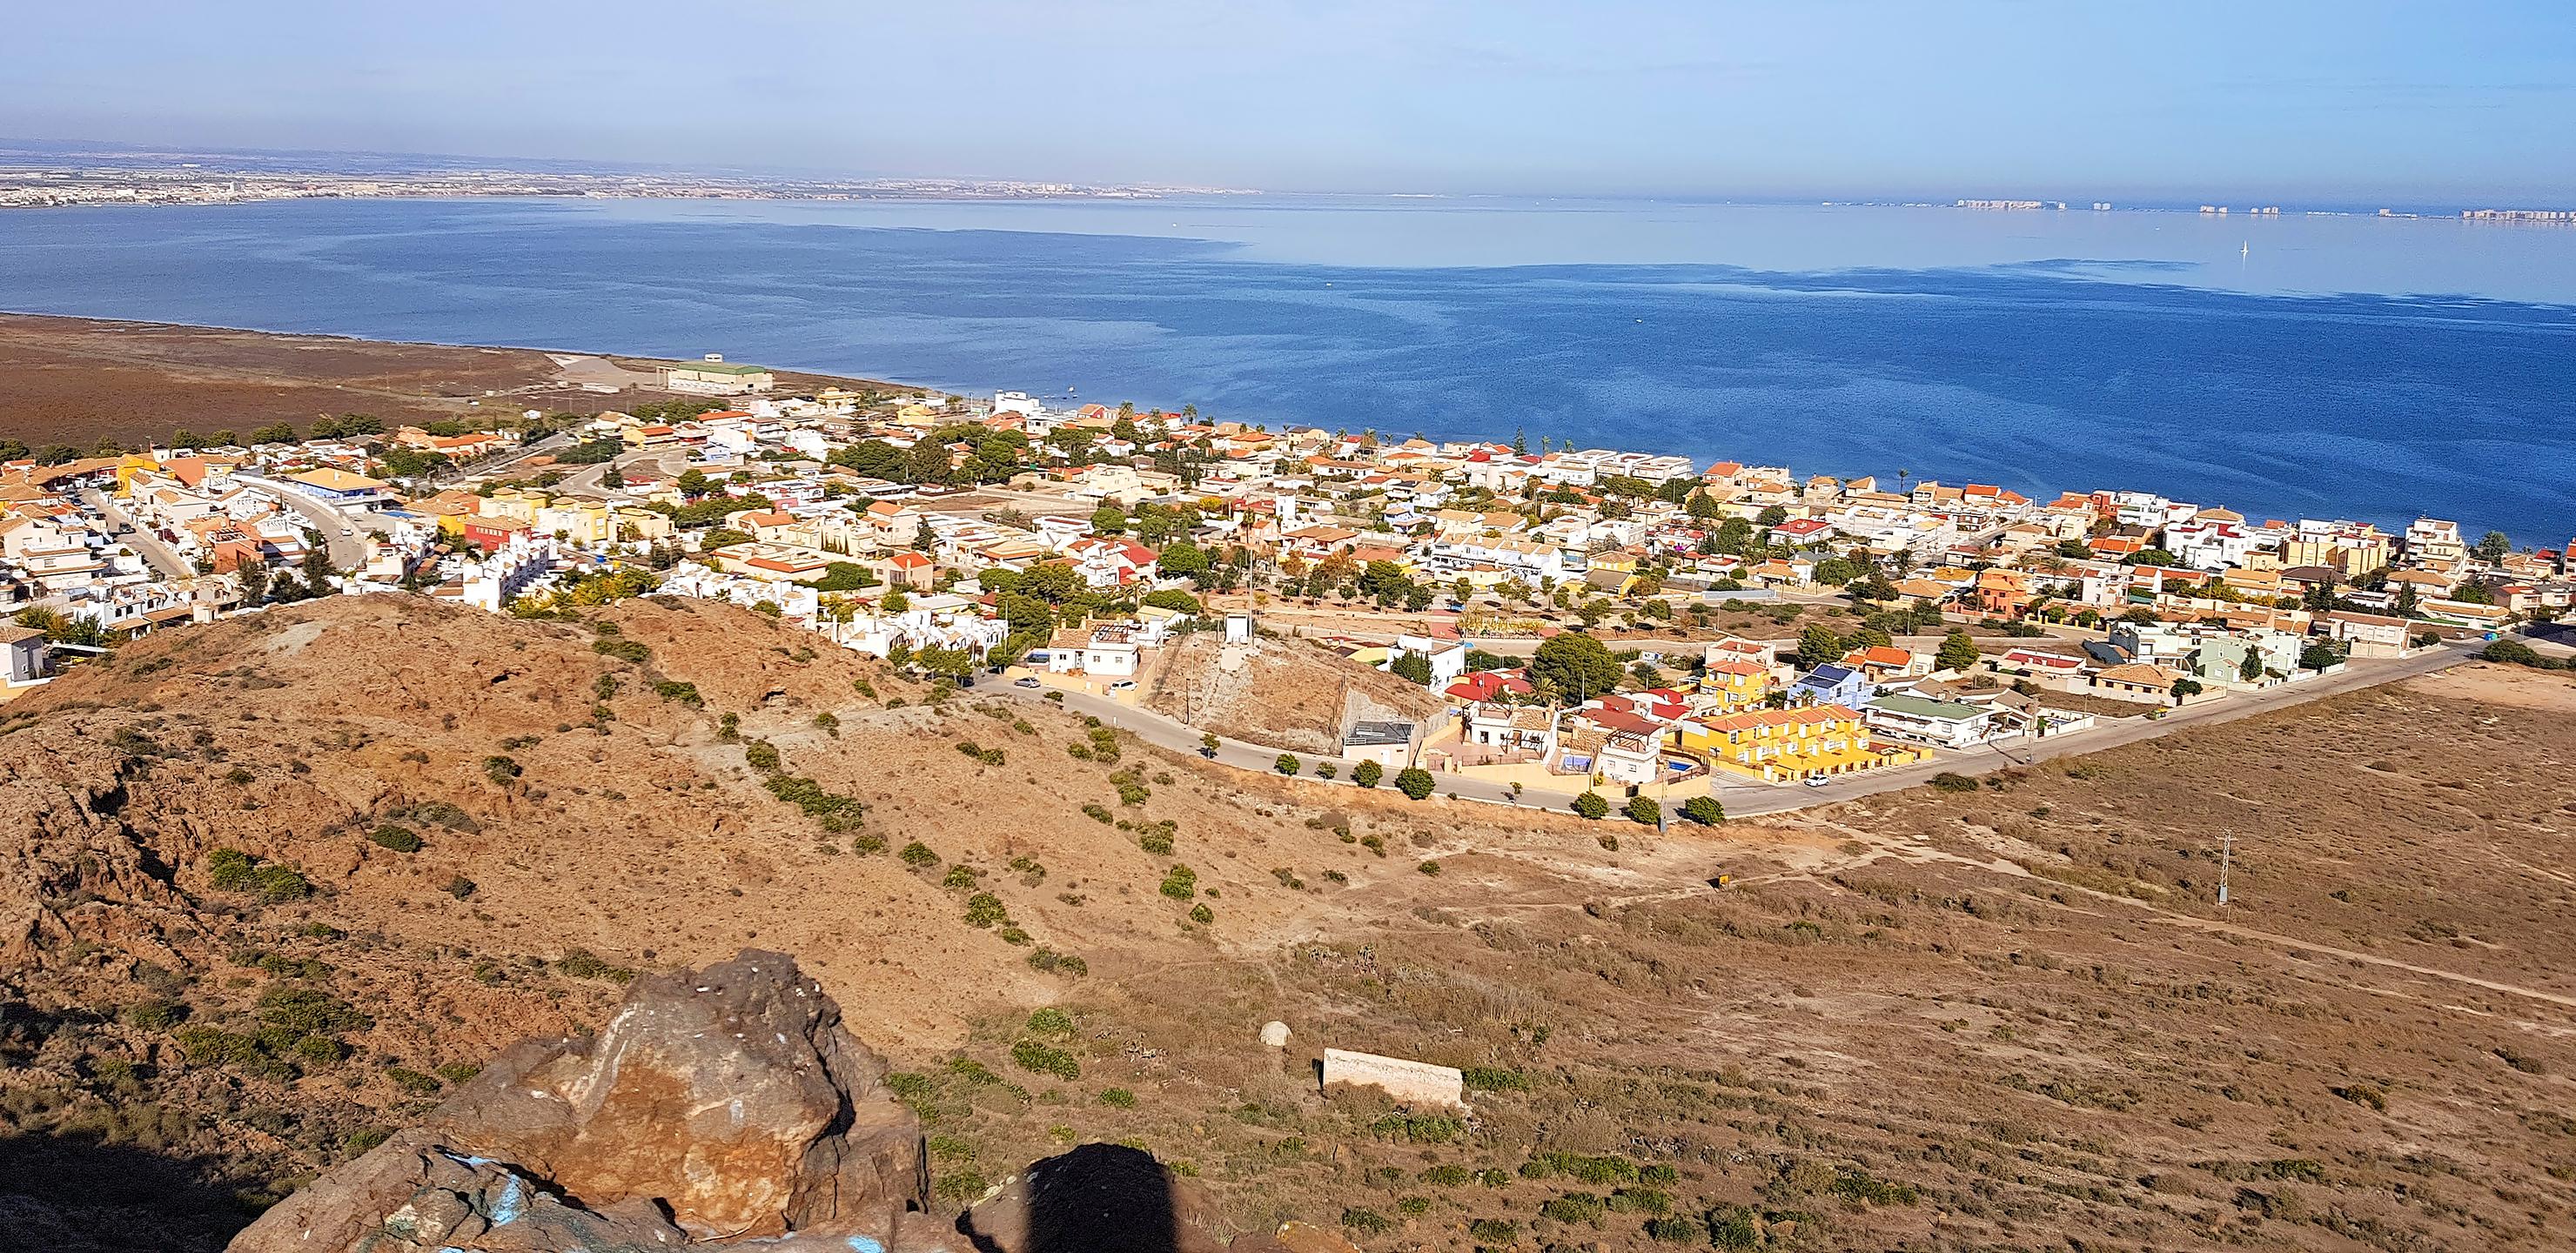 El paisaje único e inigualable del Mar Menor - Flora de Murcia